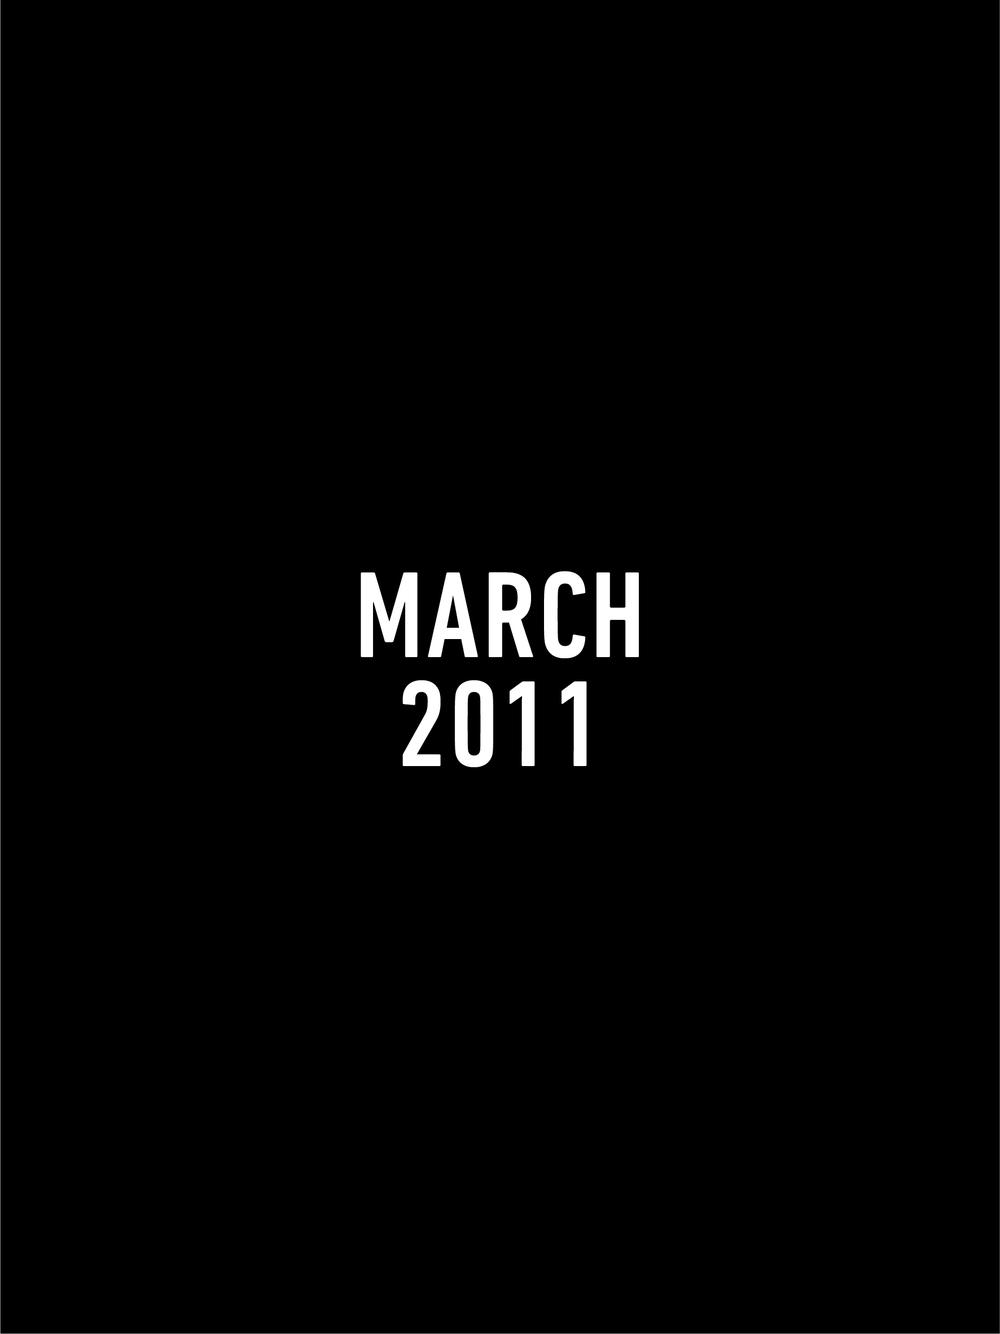 2011 months3.jpg